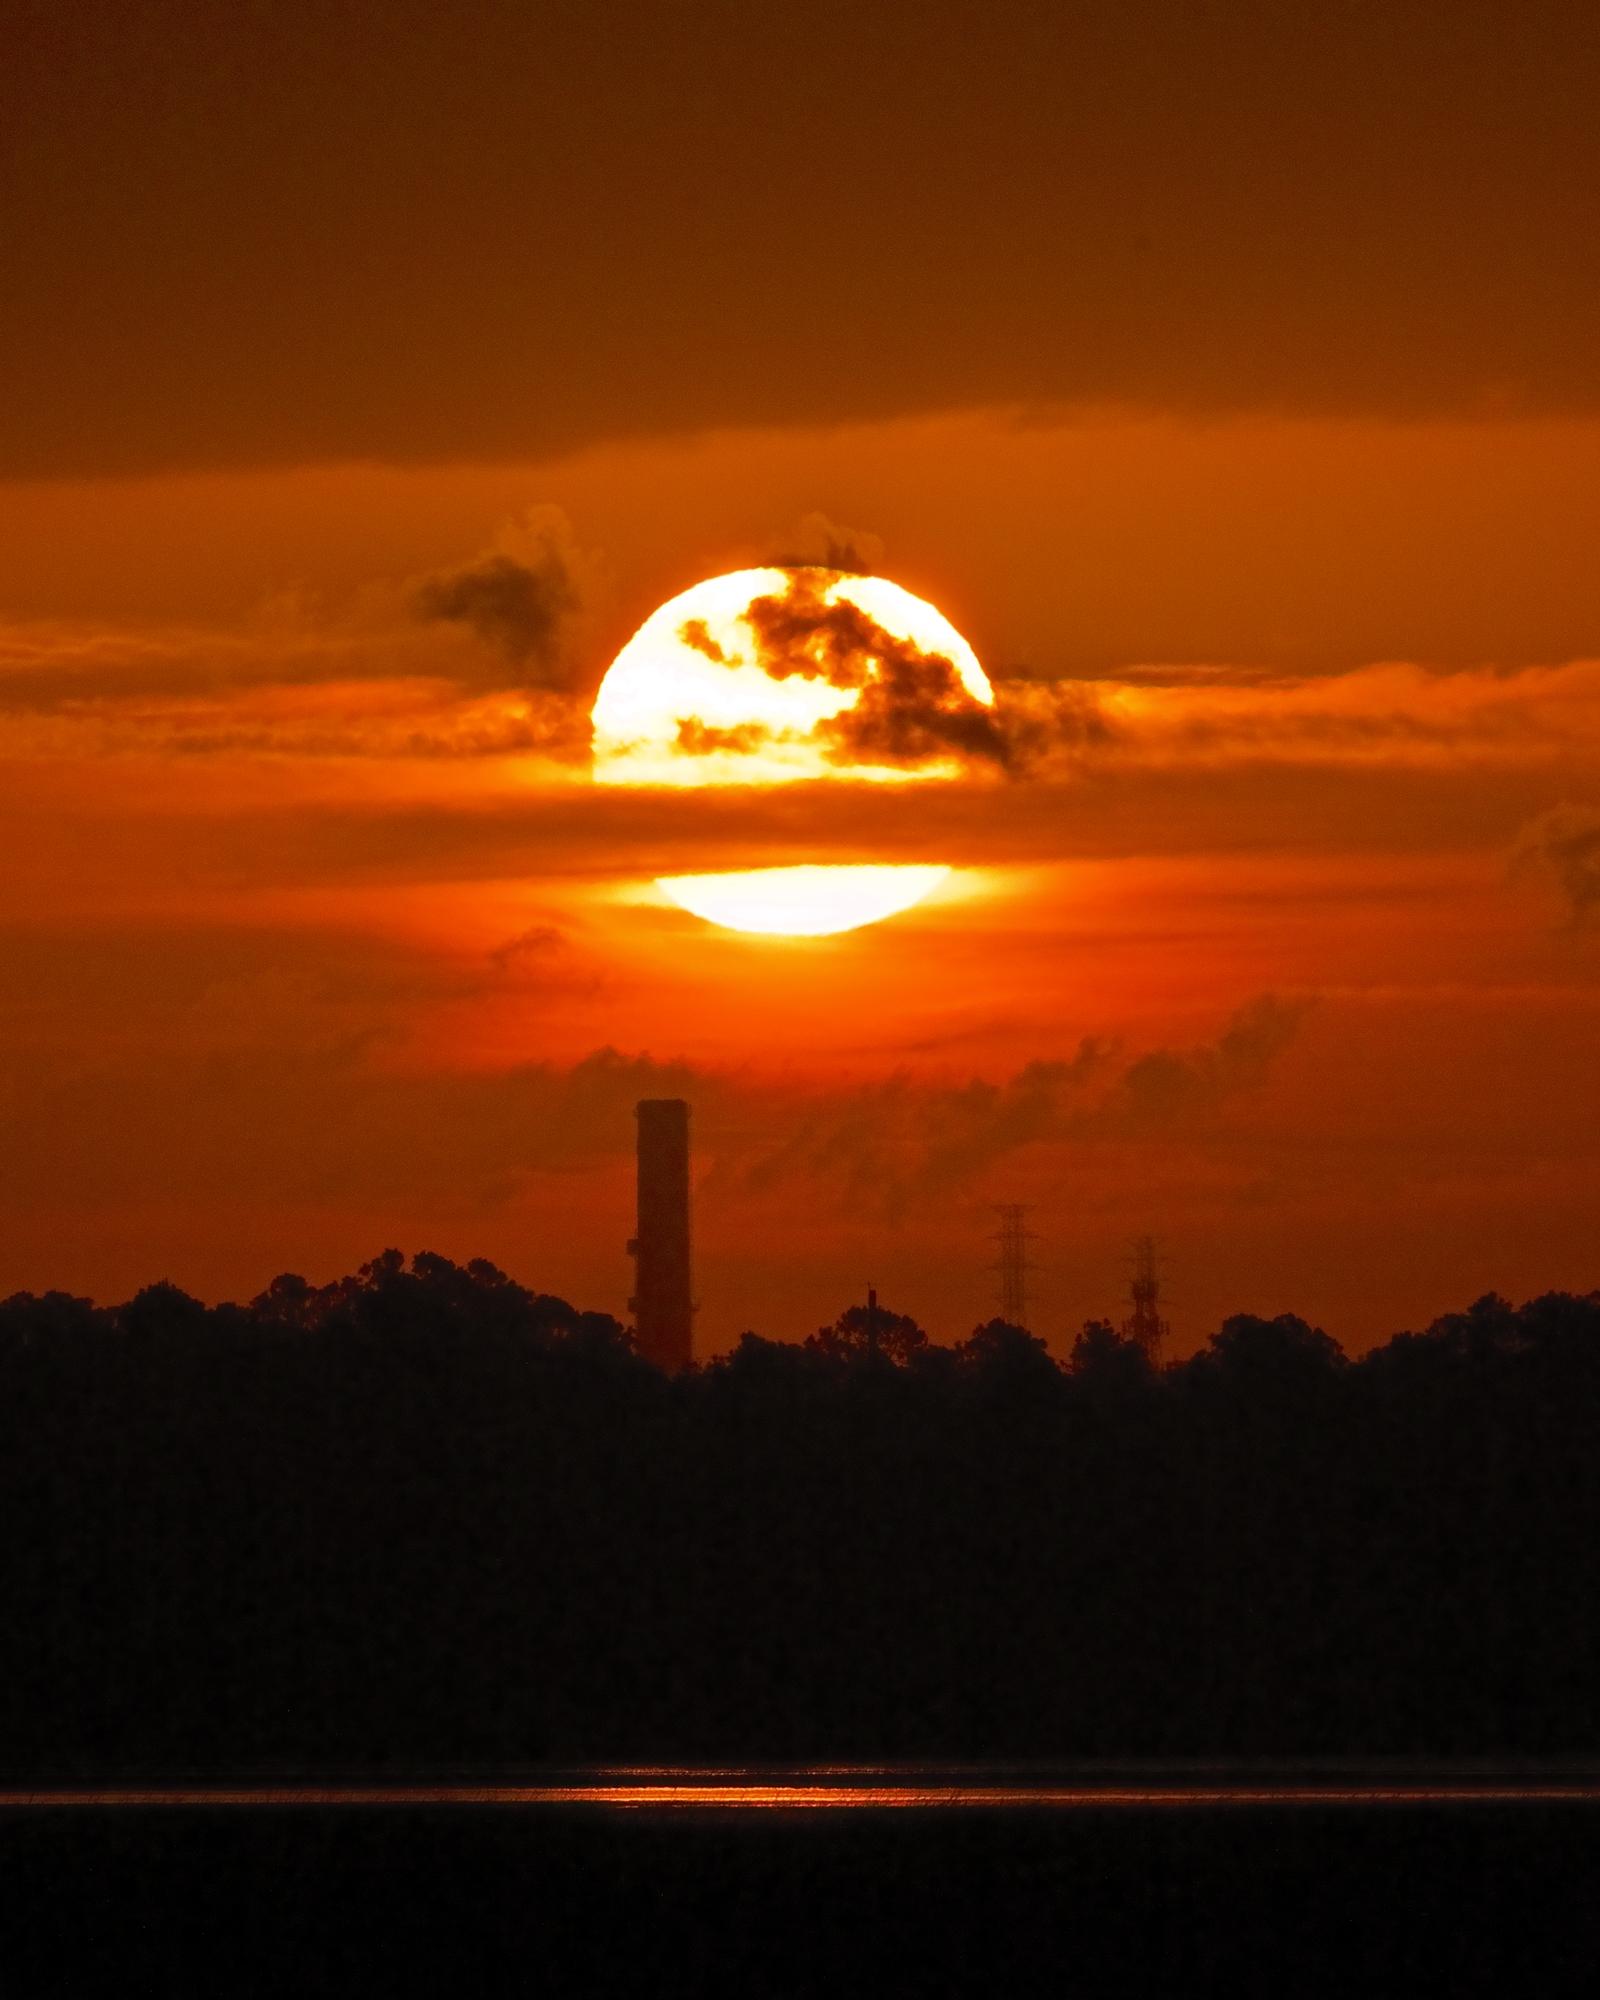 The sun burns through a layer of clouds like a molten fireball.